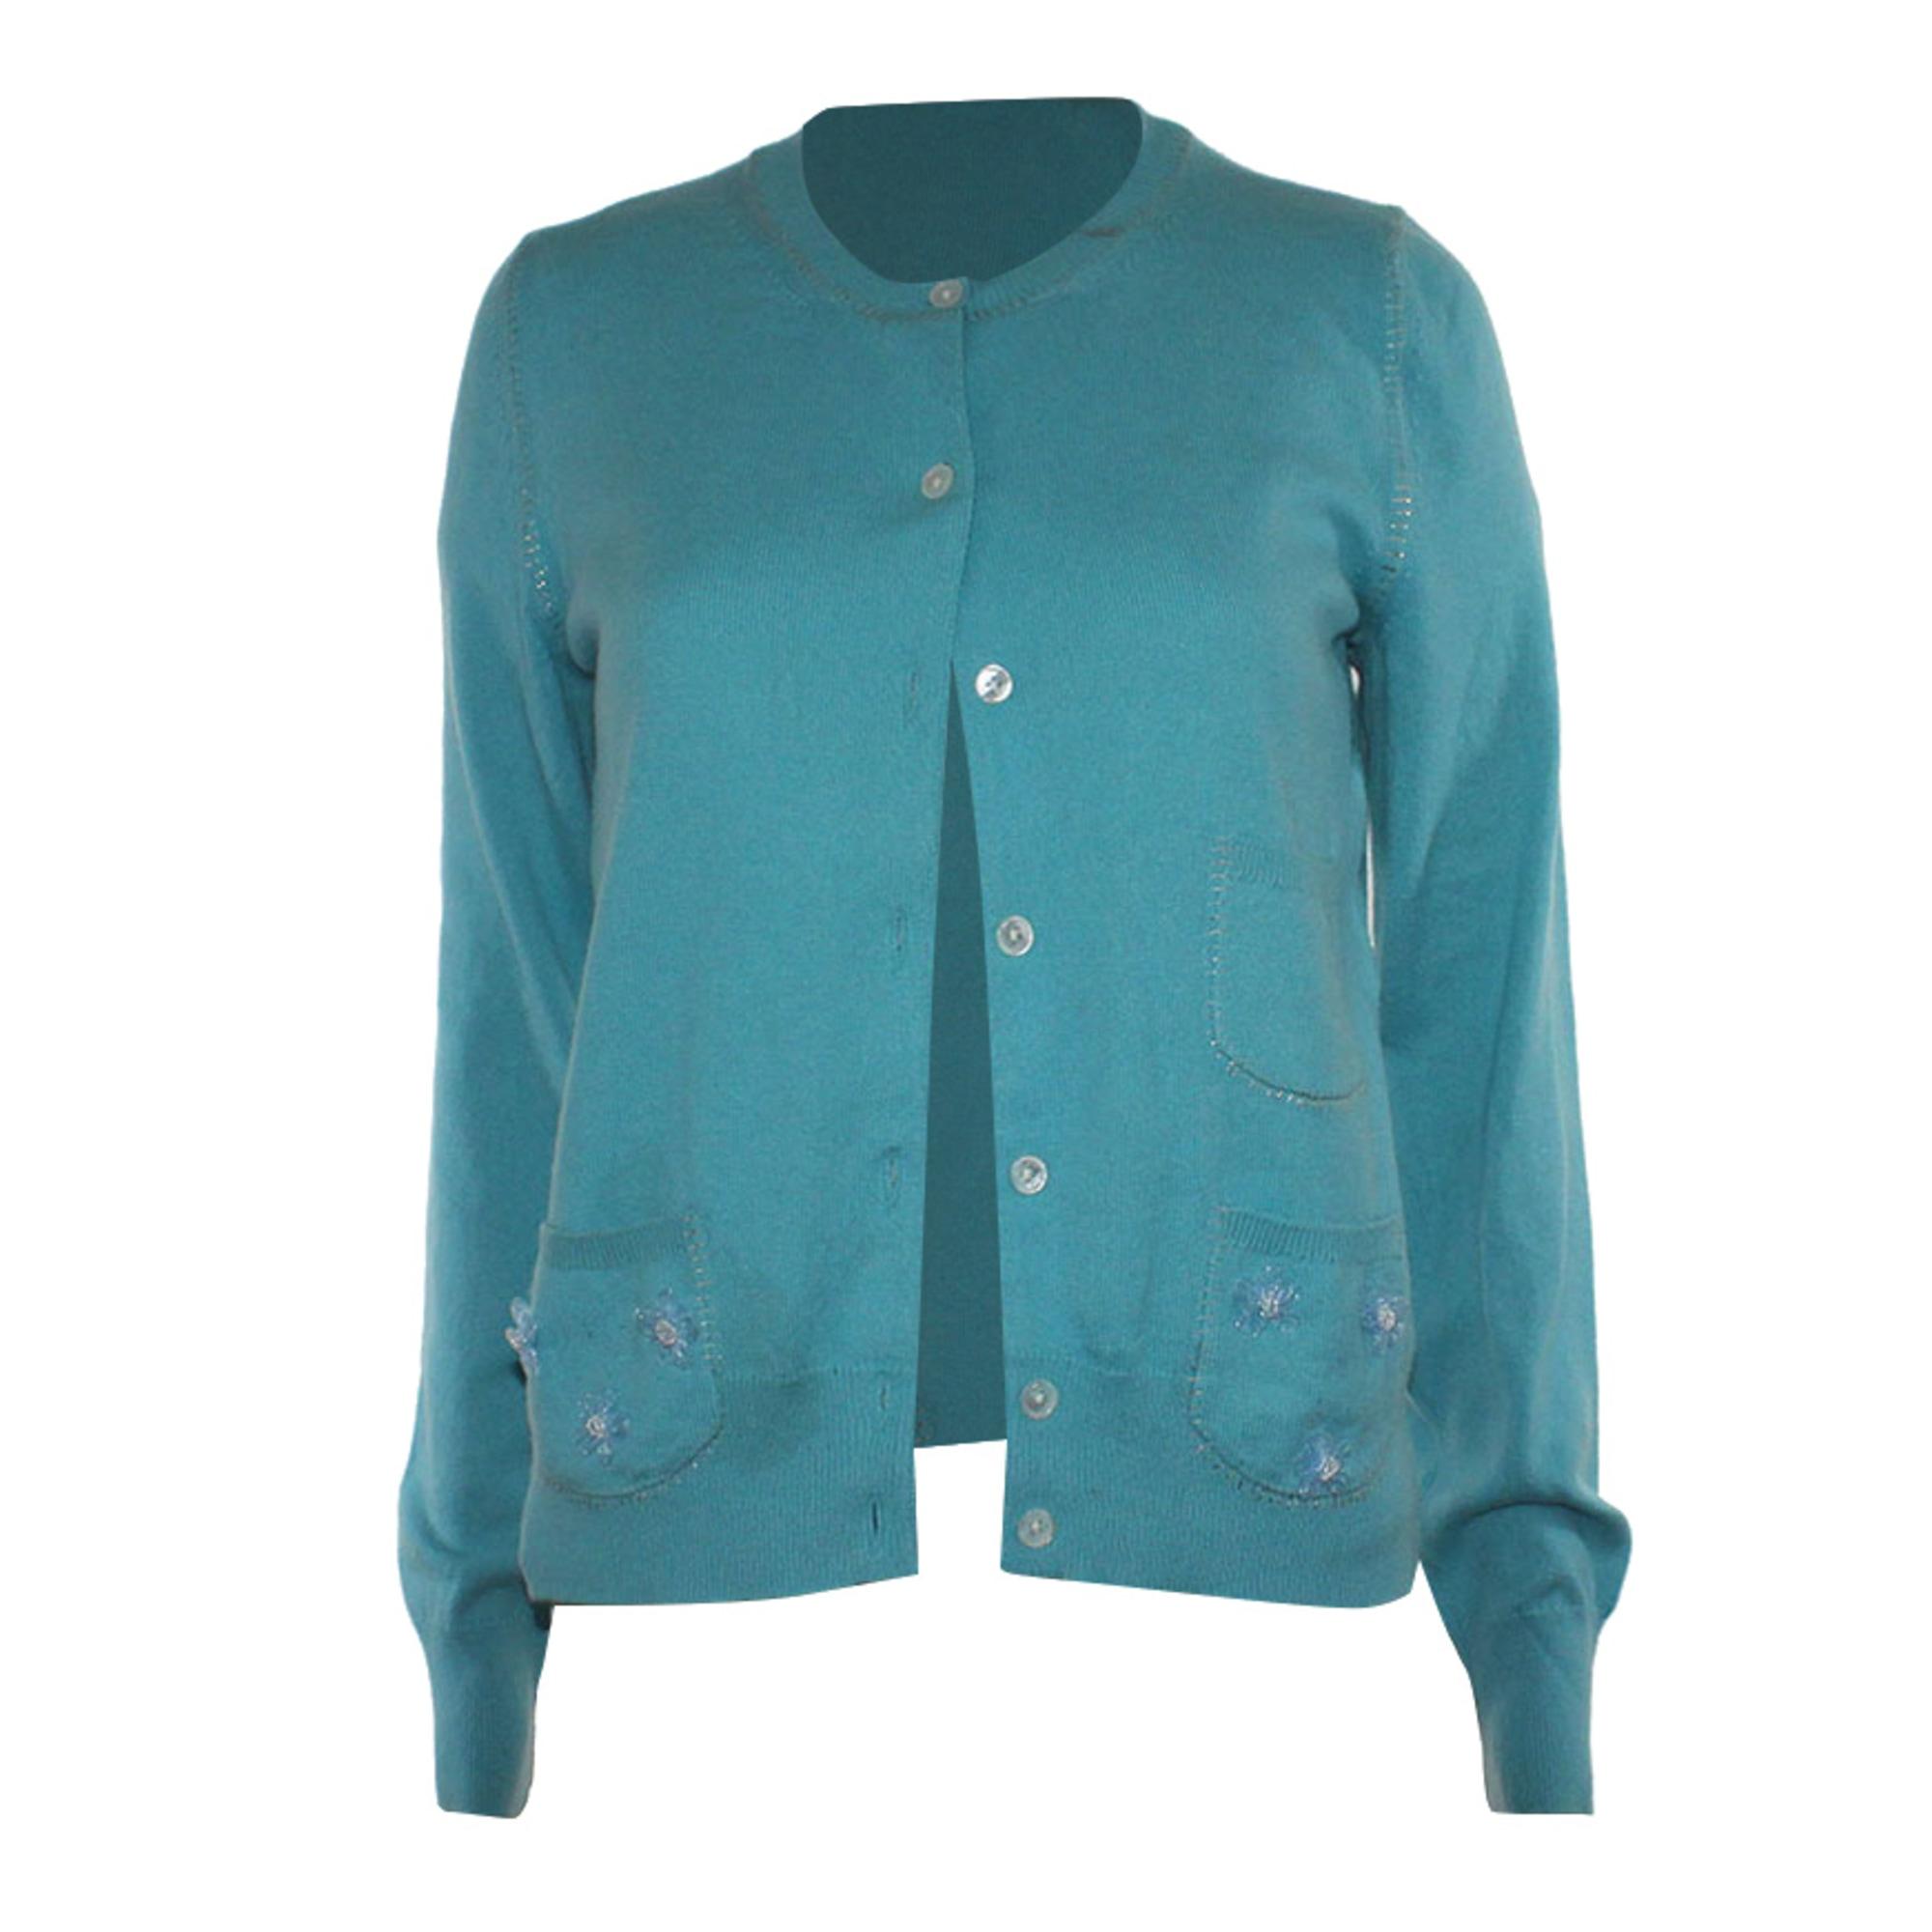 Gilet, cardigan MARC JACOBS Bleu, bleu marine, bleu turquoise